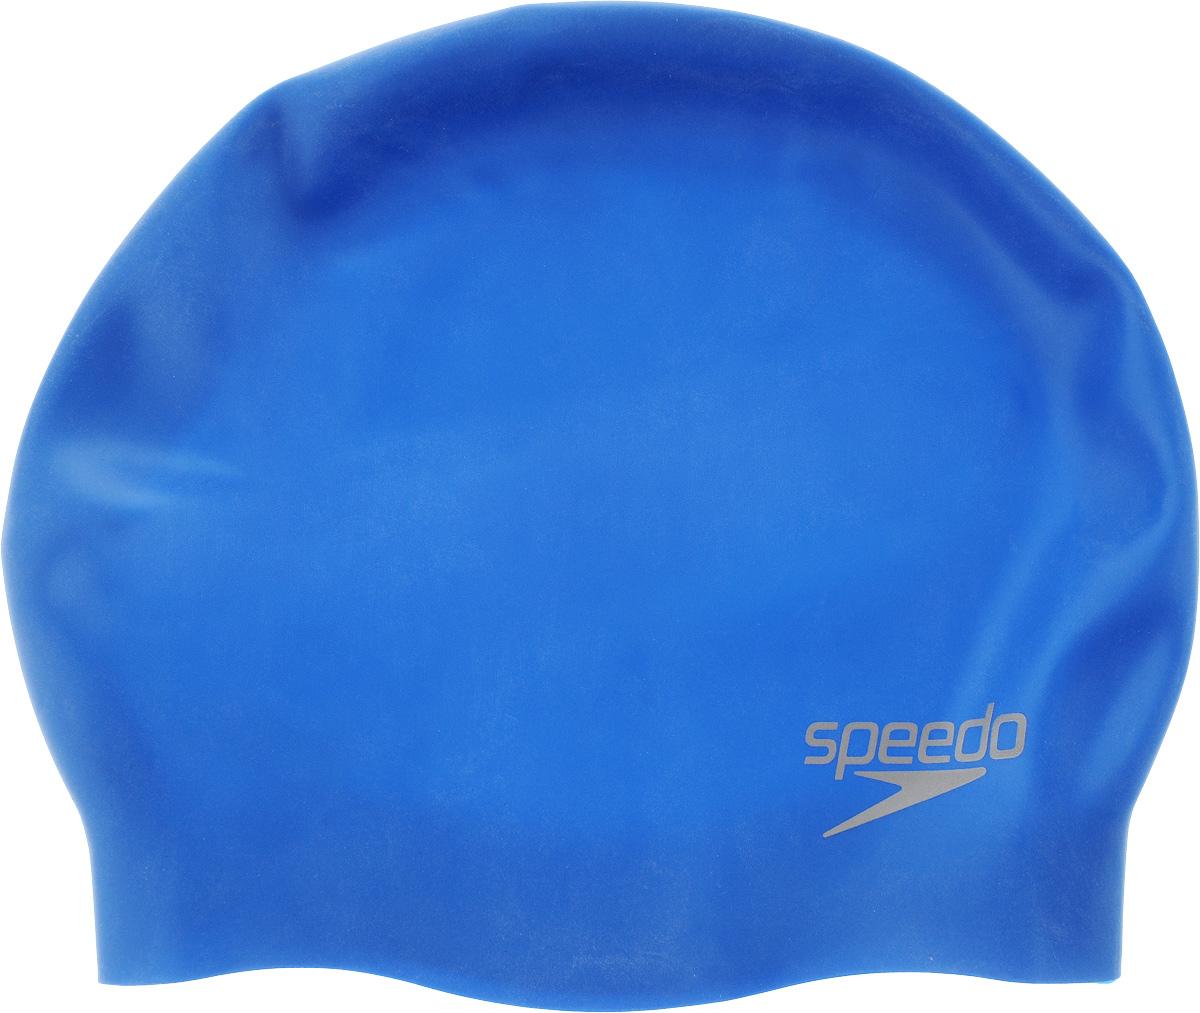 Шапочка для плавания Speedo Silc Moud Cap Au, цвет: голубойSM939B-1122Яркая силиконовая шапочка Speedo Silc Moud Cap Au обеспечивает плотное прилегание и полную защиту от попадания воды. 3D дизайн повторяет контуры головы для непревзойденного комфорта посадки. Отлично подойдет для тренировок в бассейне. Шапочка выполнена из высококачественного силикона.